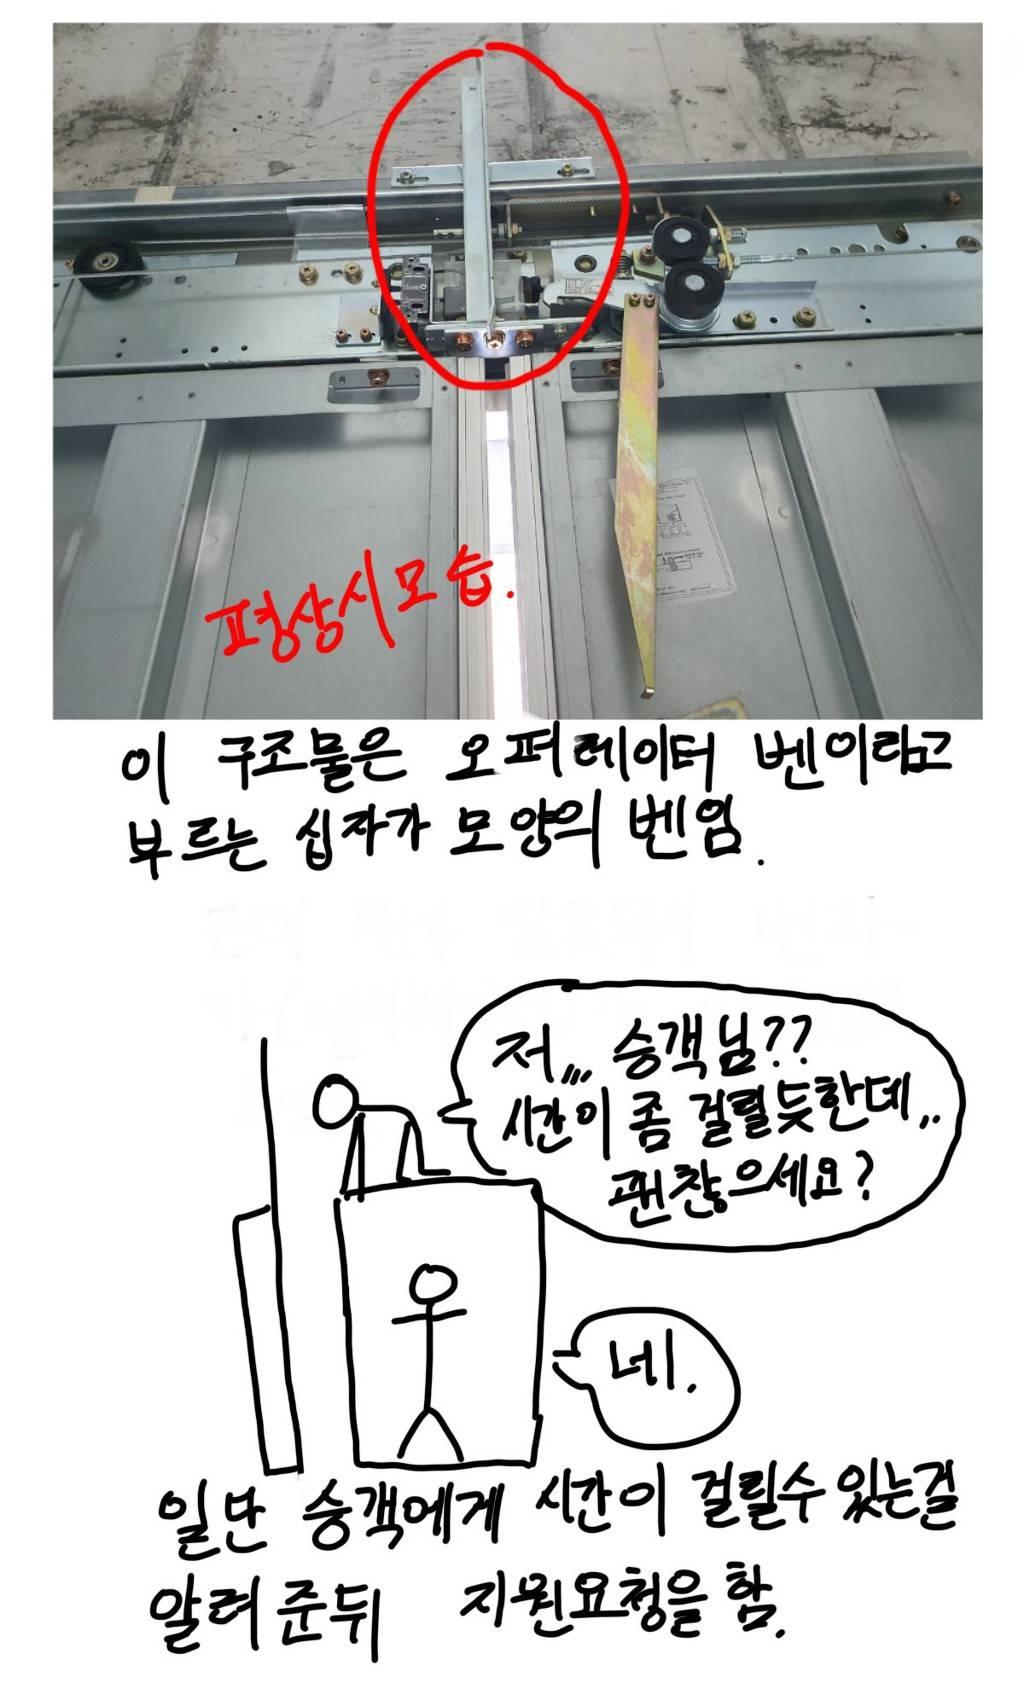 강아지랑 엘레베이터 탈때 사람 없어도 안고 타야하는 이유   인스티즈